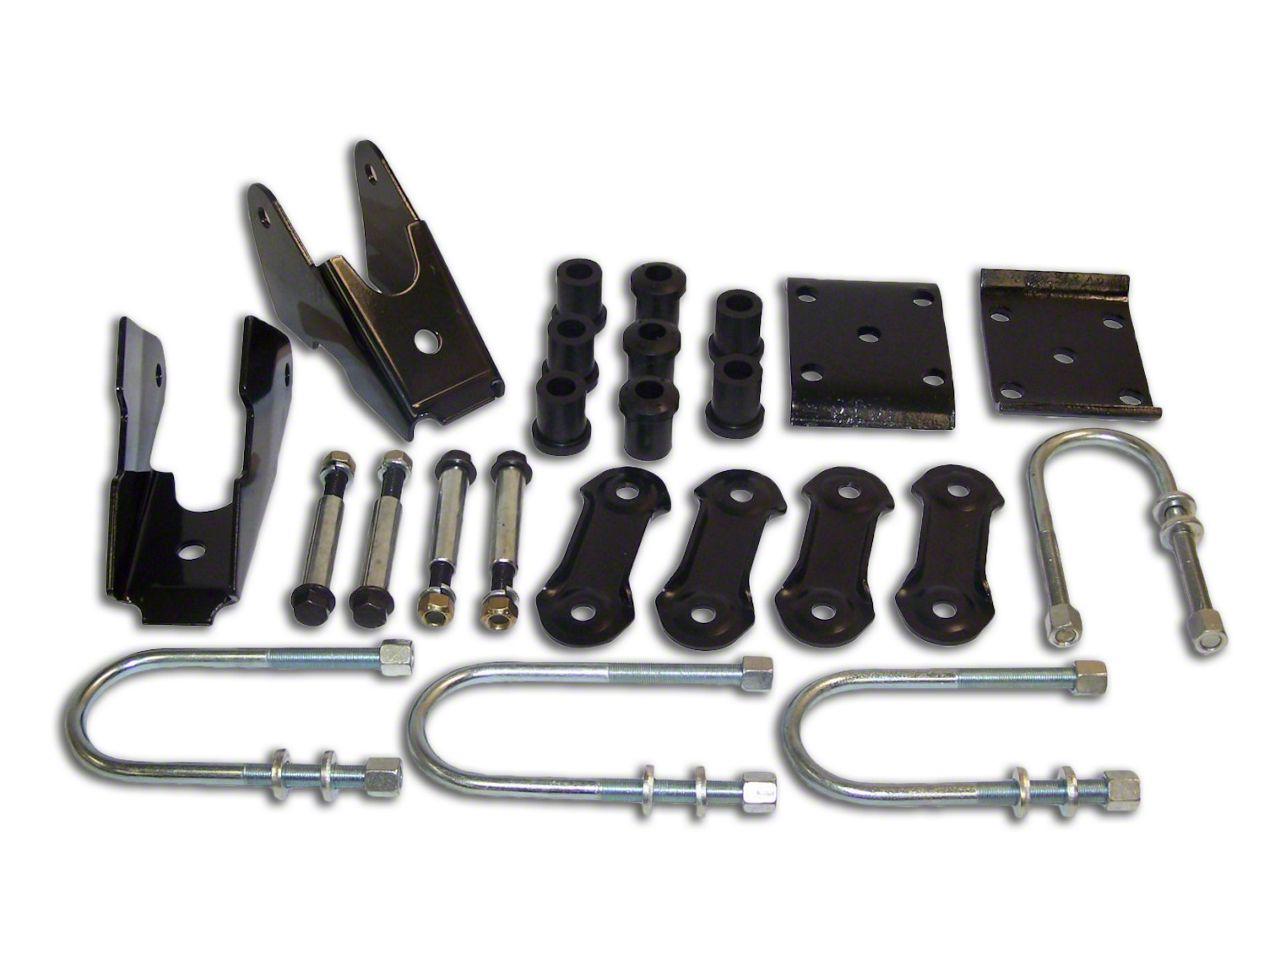 Crown Automotive Rear Leaf Spring Mounting Kit (87-95 Jeep Wrangler YJ w/ Dana 35 Rear Axle)